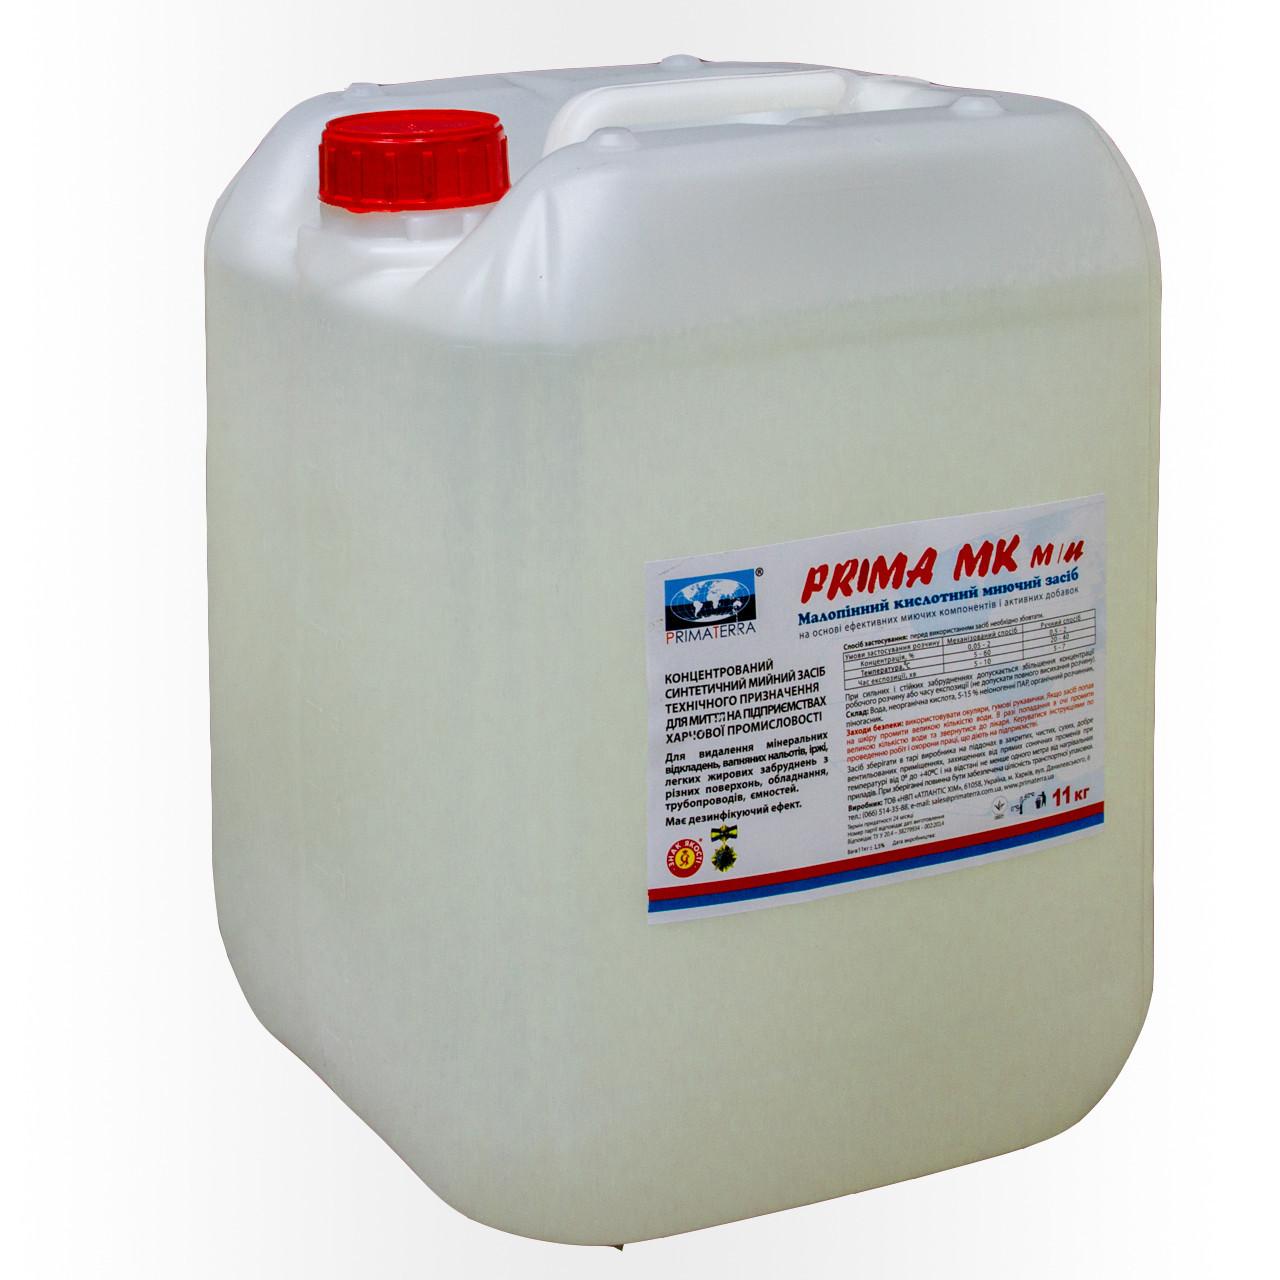 Кислотное малопенное моющее средство, концентрат, PRIMA МК м/п, 11 кг